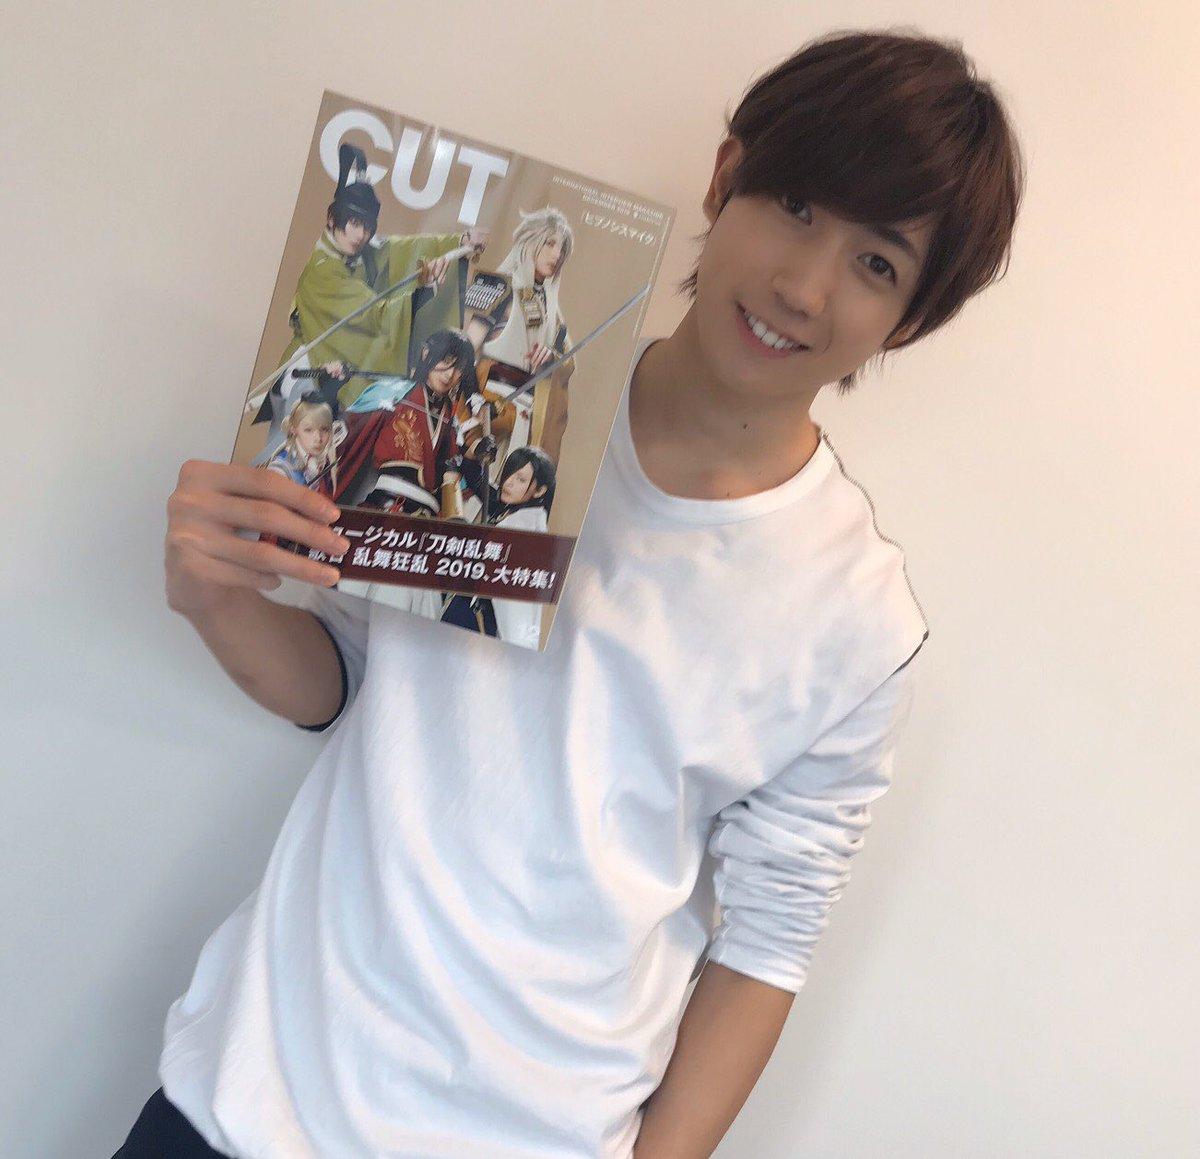 本日雑誌『CUT』、『TVガイド Stage Stars vol.8』発売日です!!濃厚です。是非チェックしてみてください!